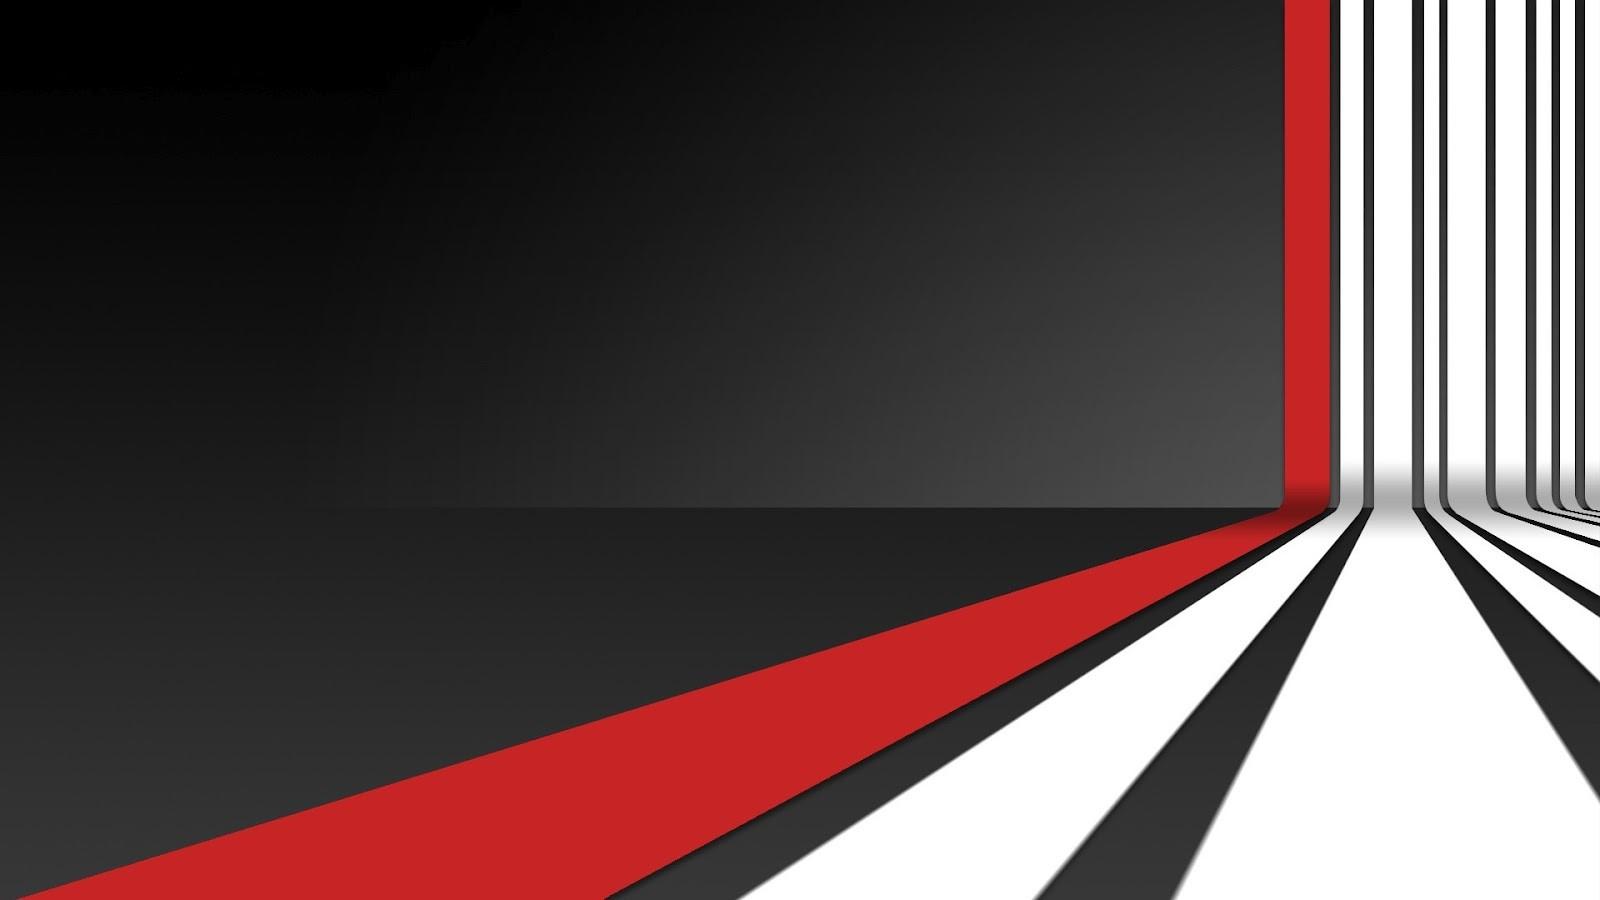 Fondos de pantalla abstracto rojo simetr a dise o for Papel pintado rojo y blanco